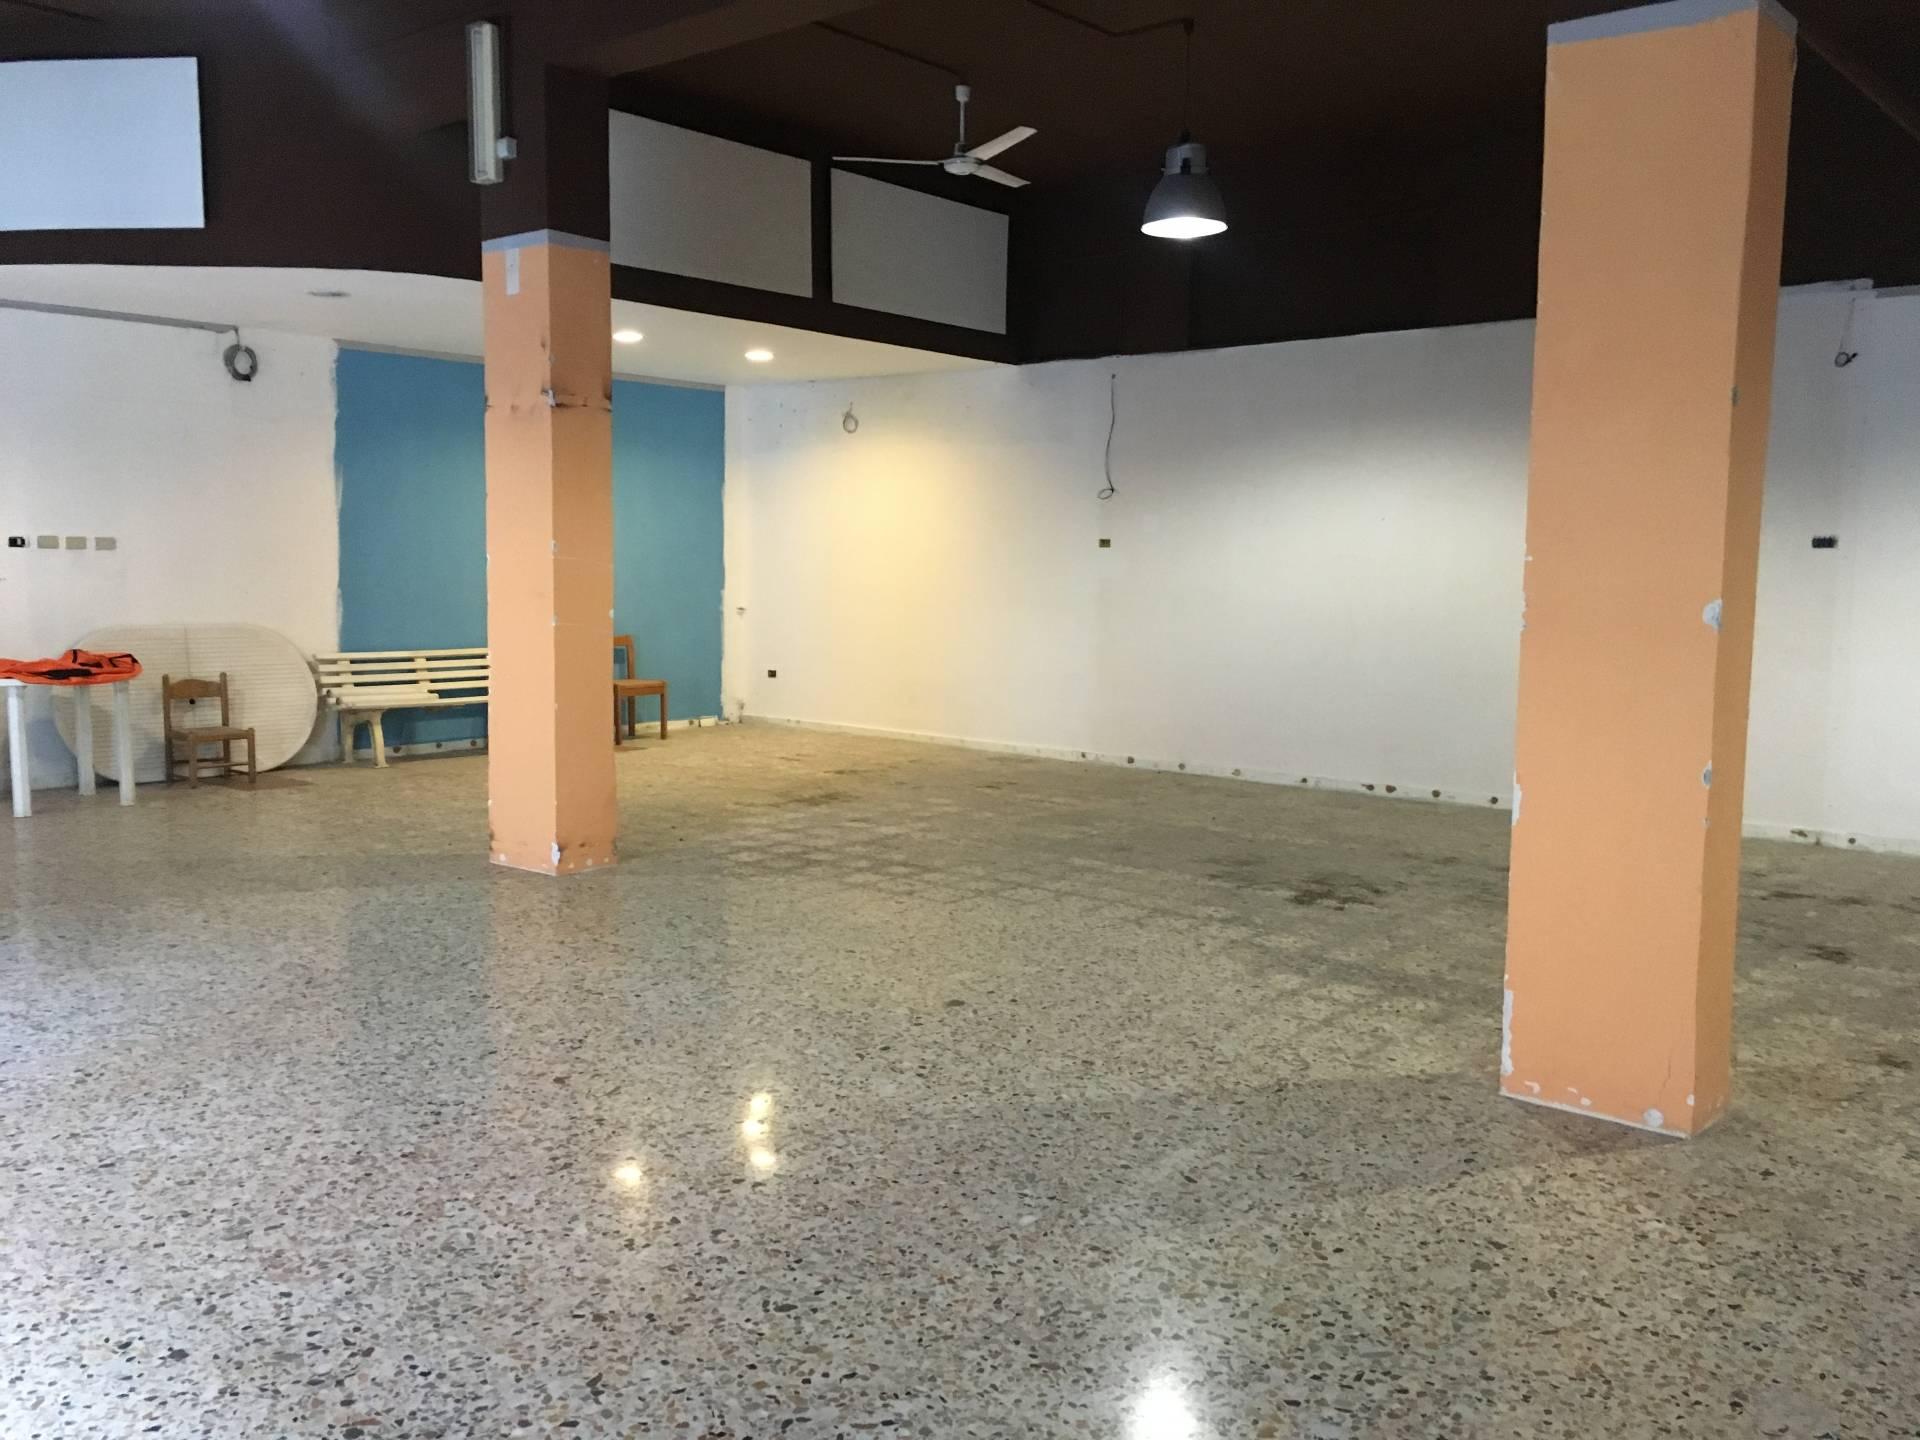 Negozio / Locale in vendita a Ottaviano, 9999 locali, prezzo € 145.000 | Cambio Casa.it